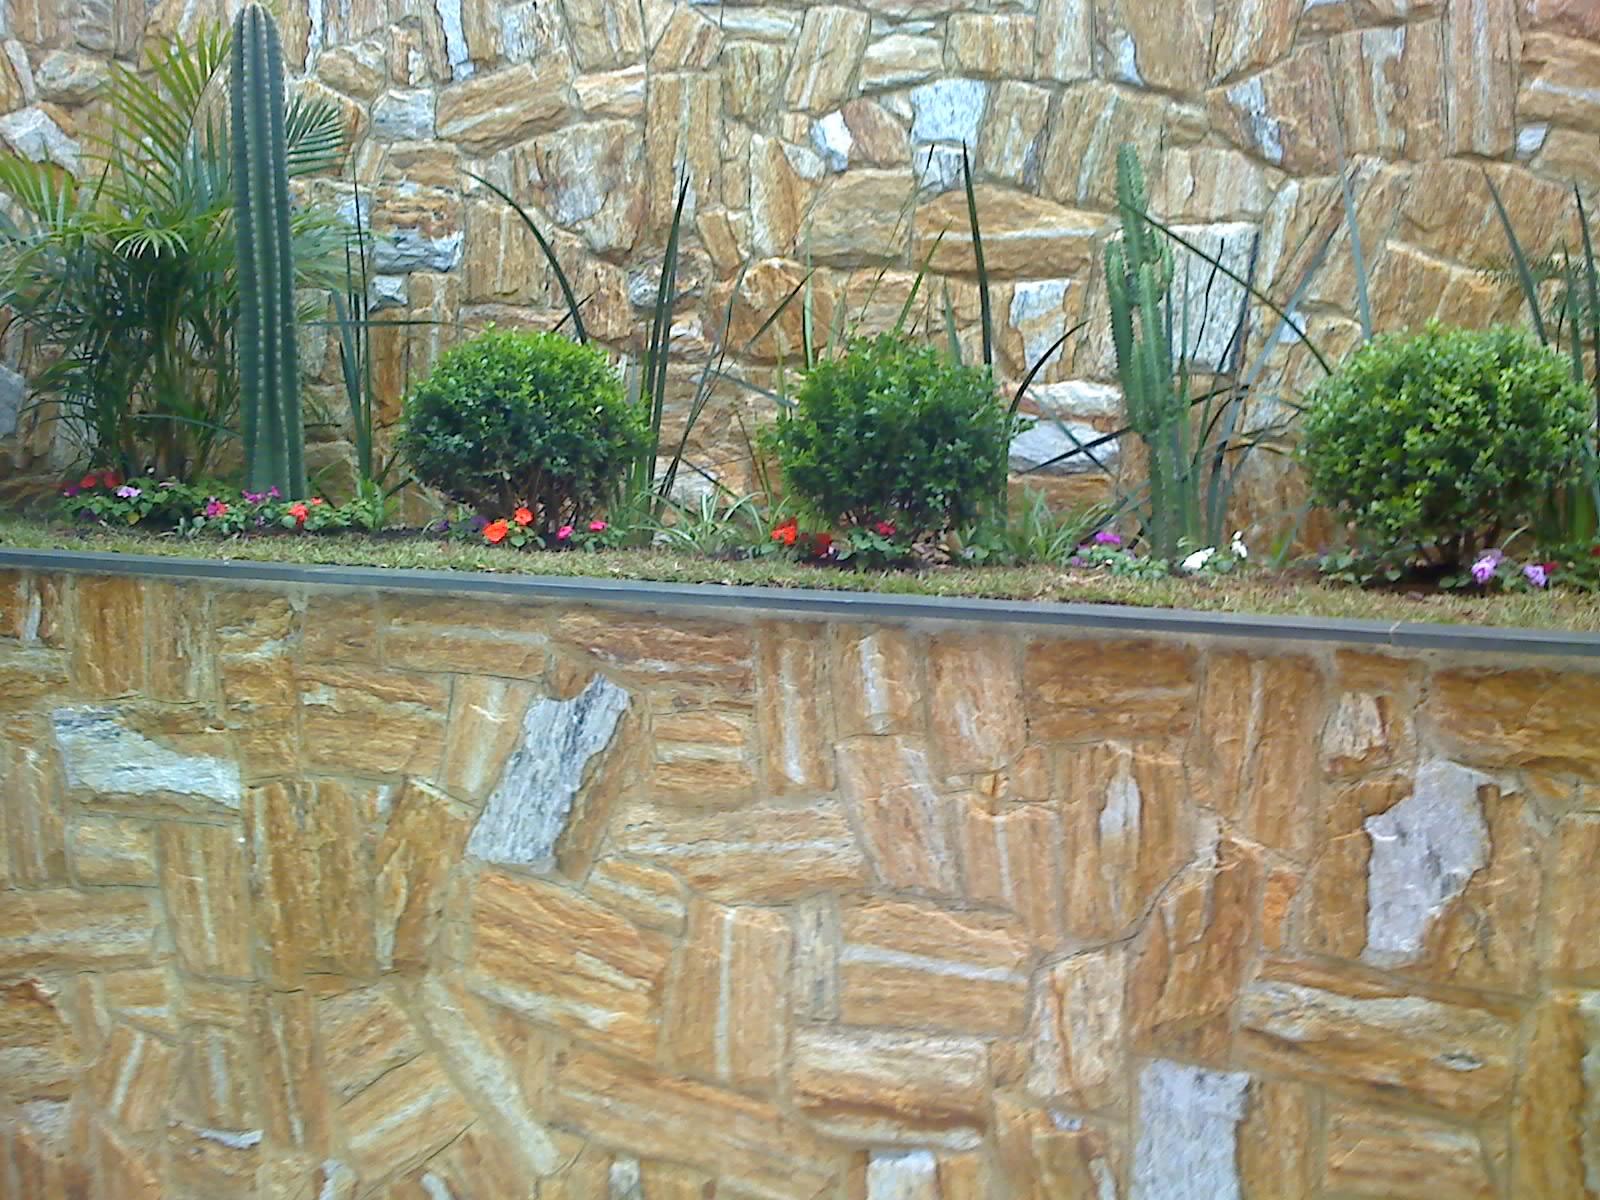 pedra miracema jardim:Dois muros em pedra madeira bruta com jardim .